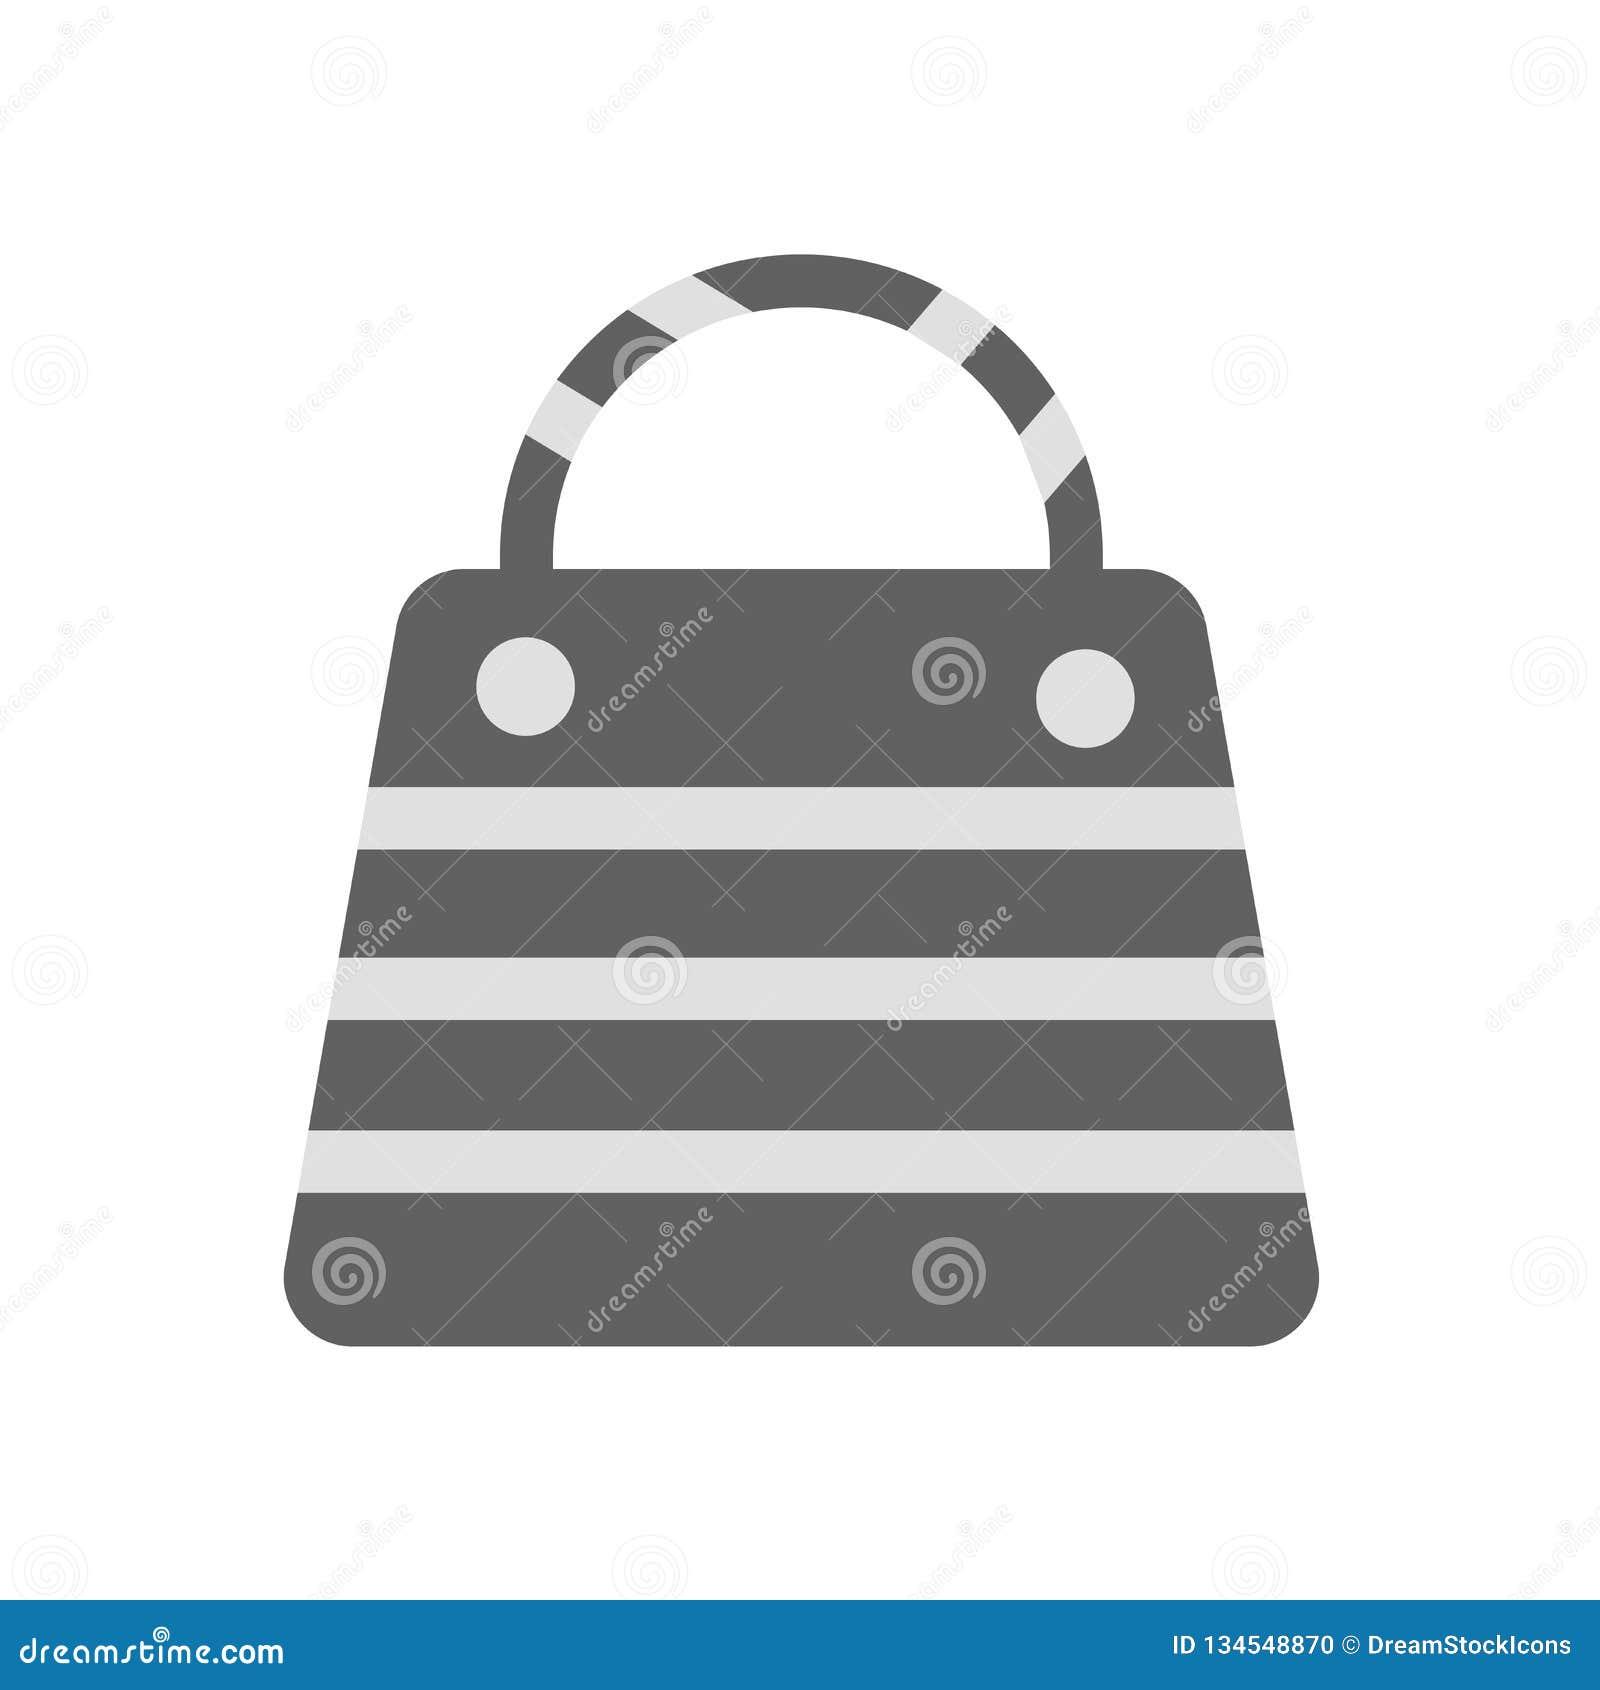 Τσαντών σημάδι και σύμβολο εικονιδίων διανυσματικό που απομονώνονται στο άσπρο υπόβαθρο, έννοια λογότυπων τσαντών